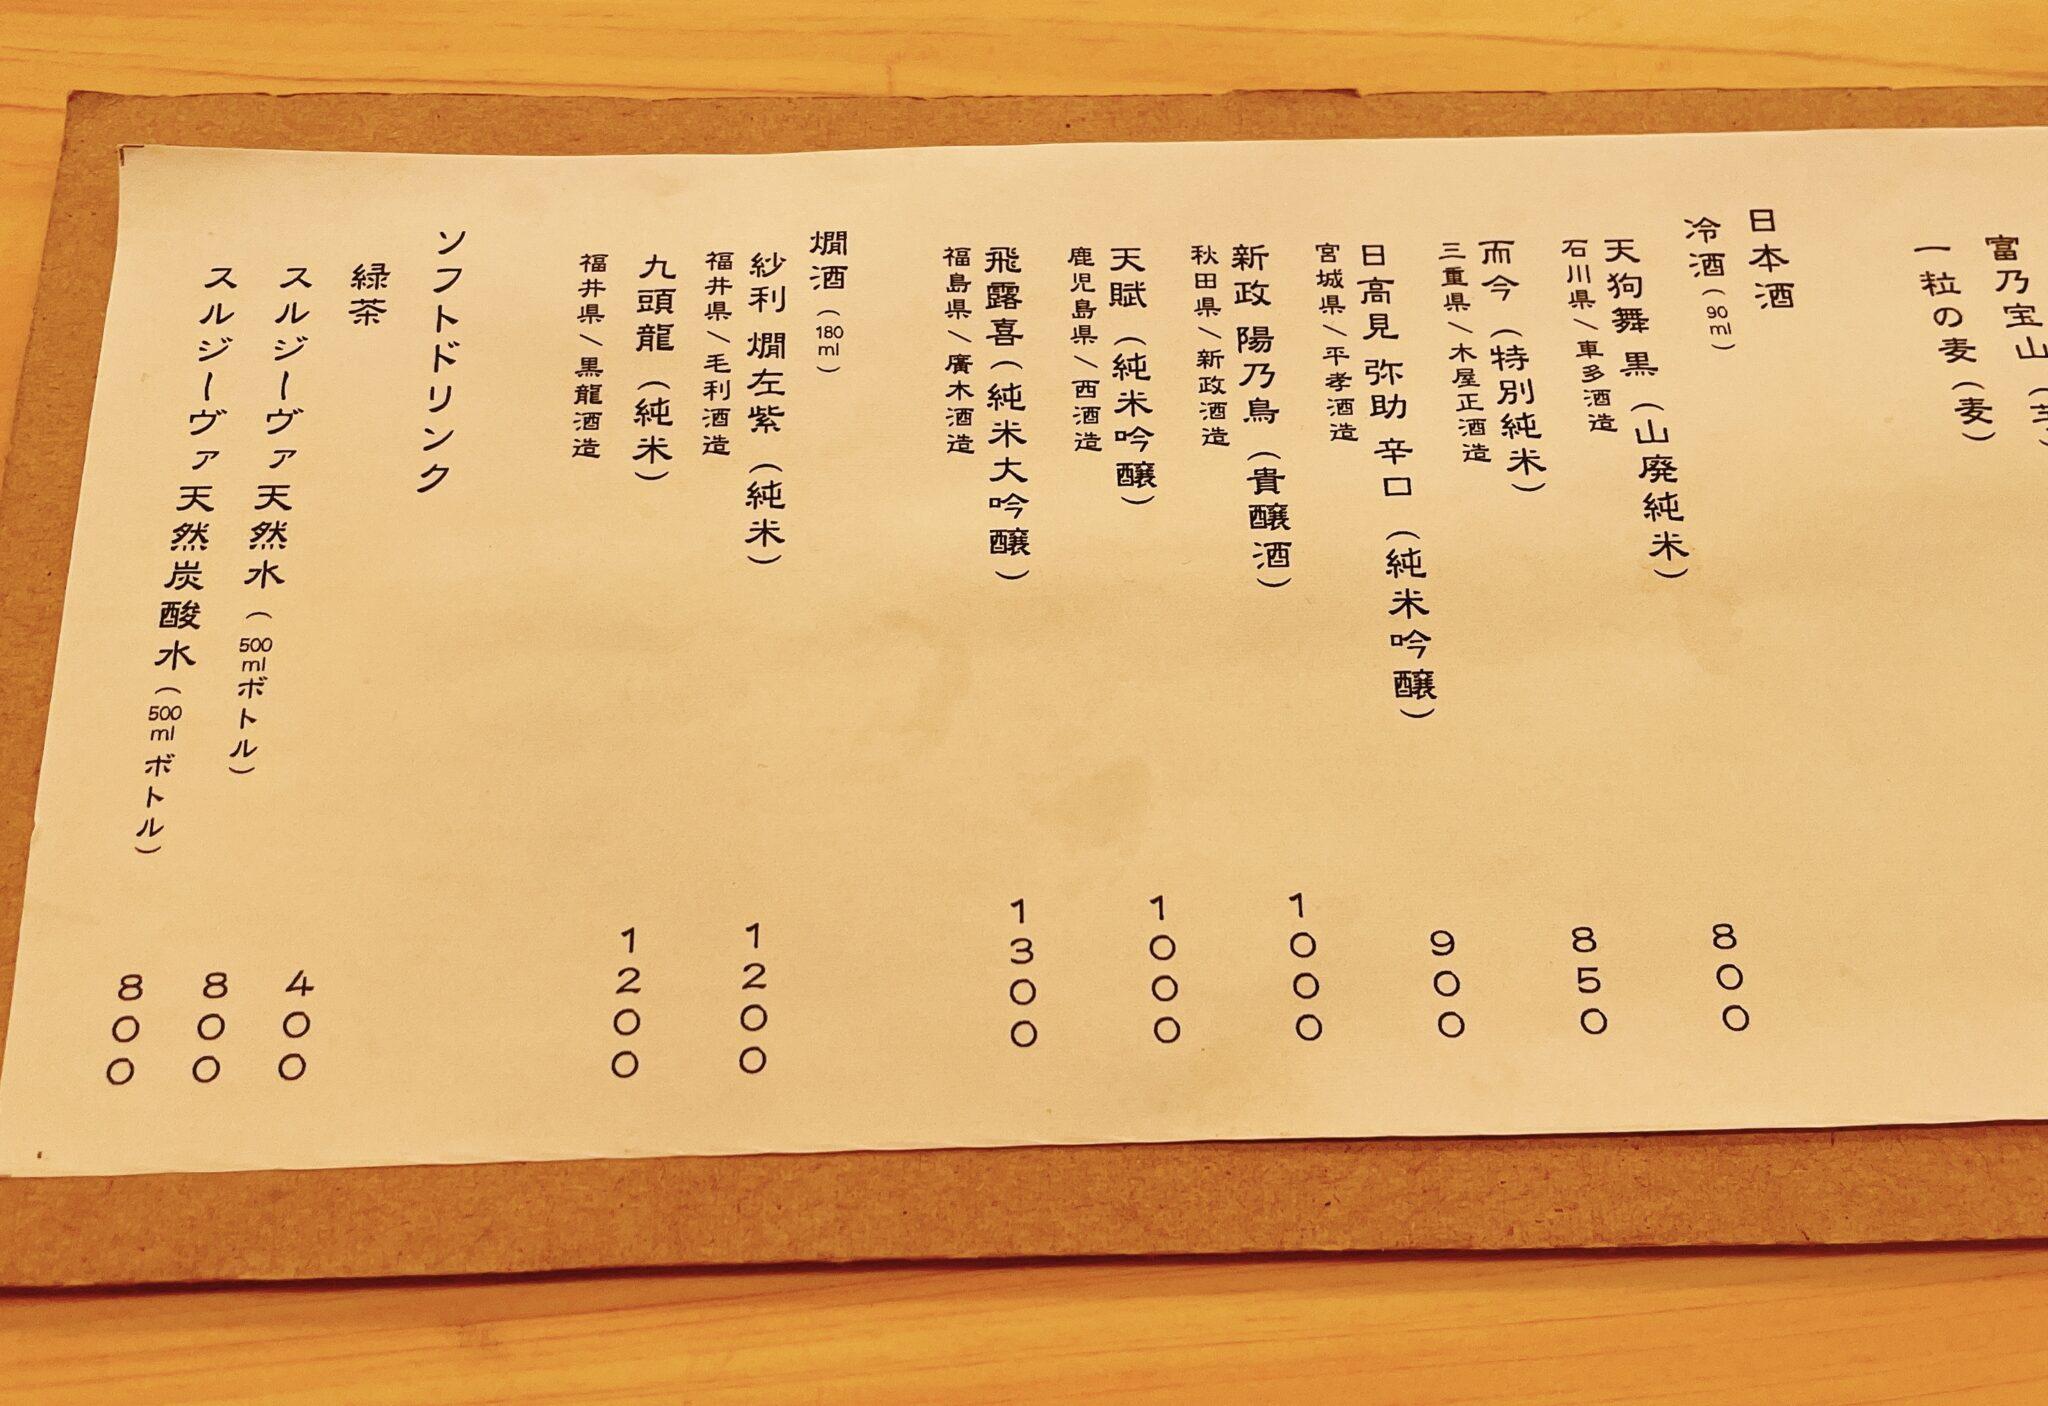 【鮨おにかい+1(たすいち) 中目黒】の日本酒メニュー